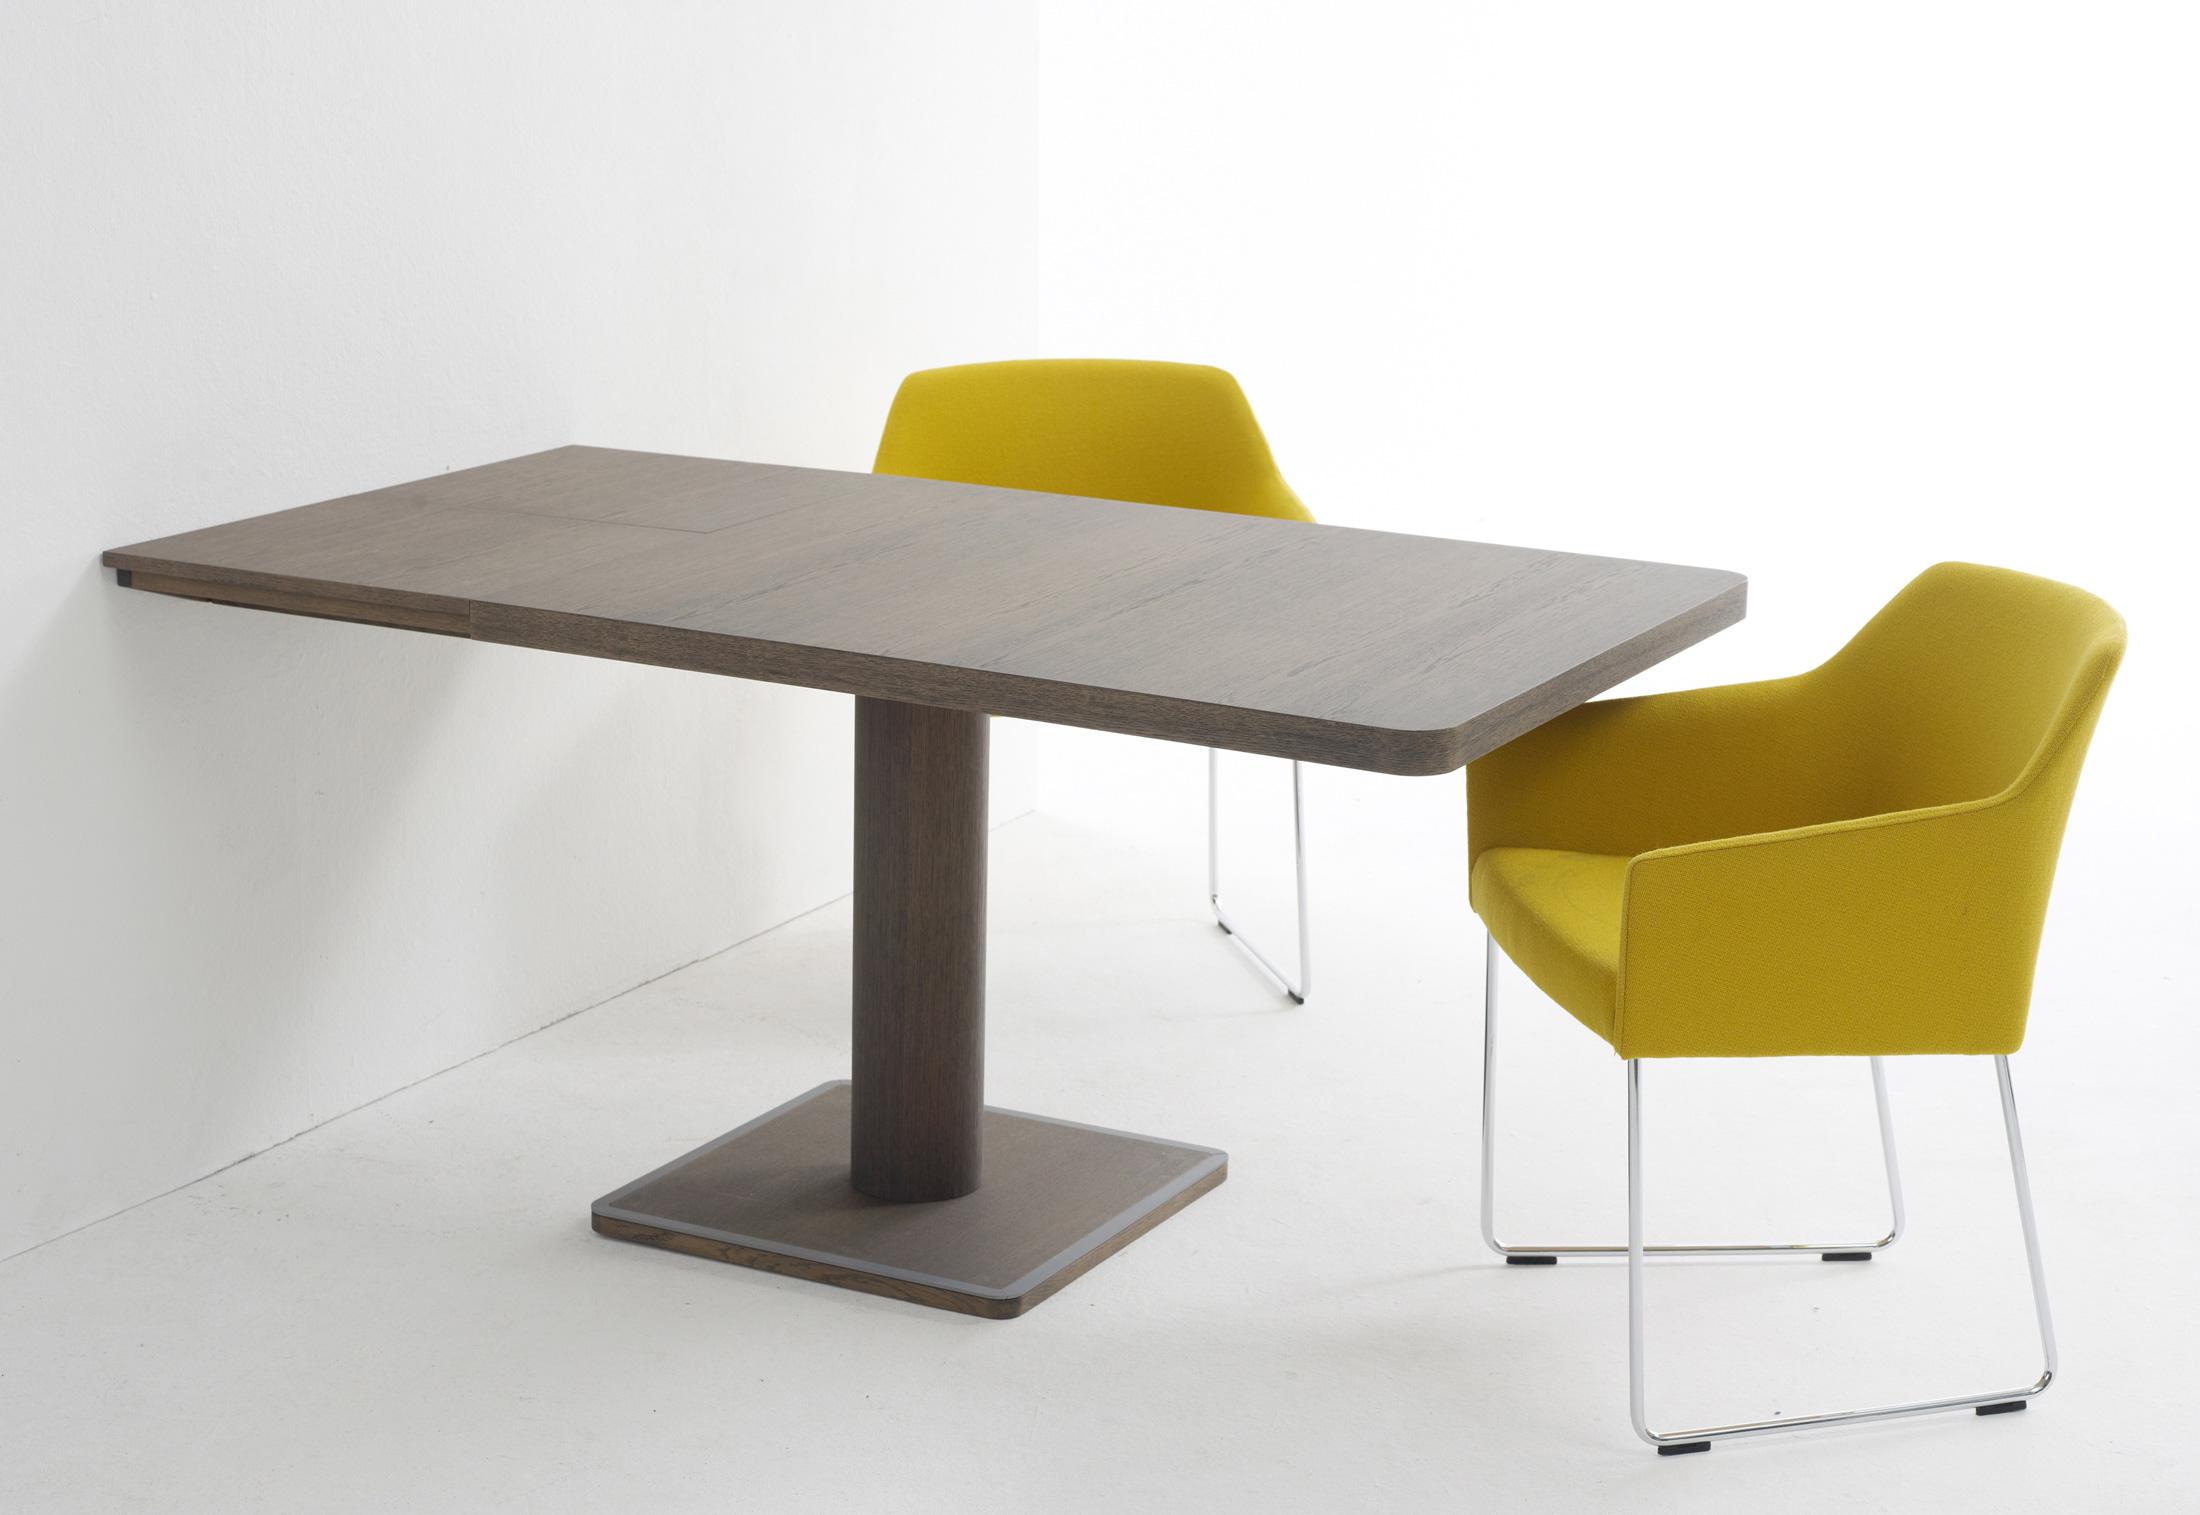 kleiner wandtisch cool dropleaf table cleverlin klappbarer wandtisch kleiner aus holz kche with. Black Bedroom Furniture Sets. Home Design Ideas